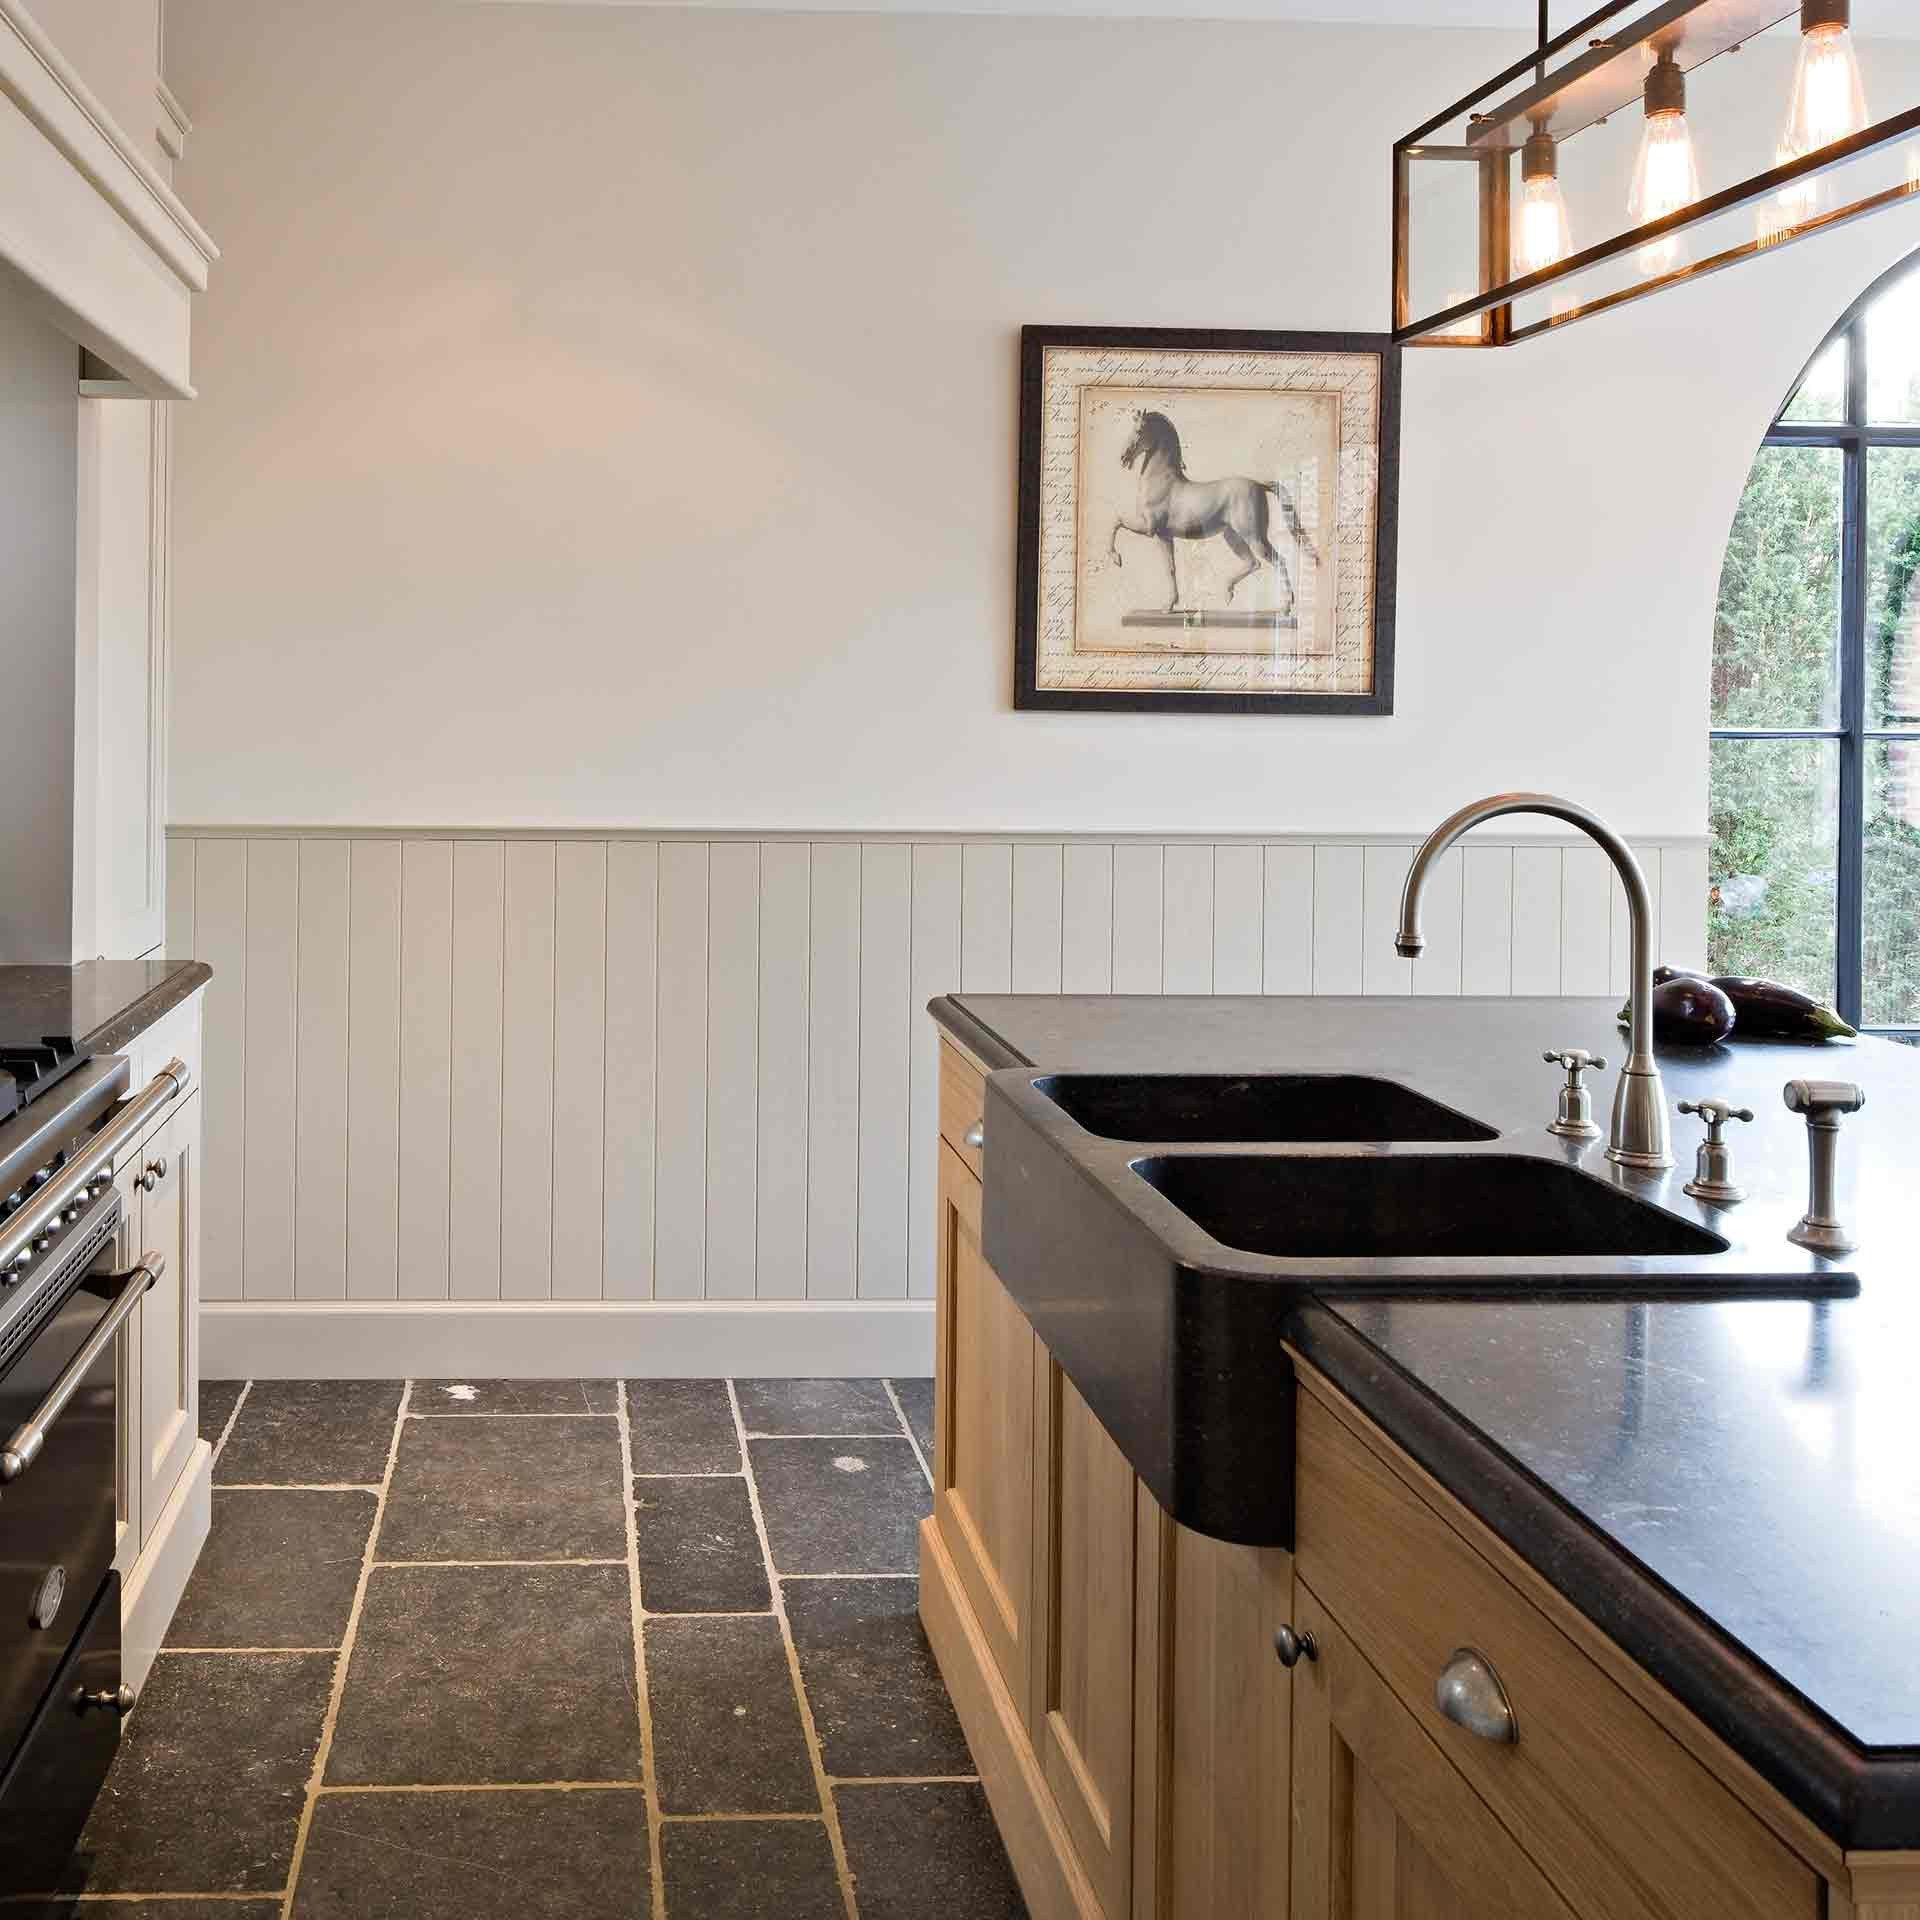 landelijke-keuken-kensington-blauwe-hardsteen-5.jpg